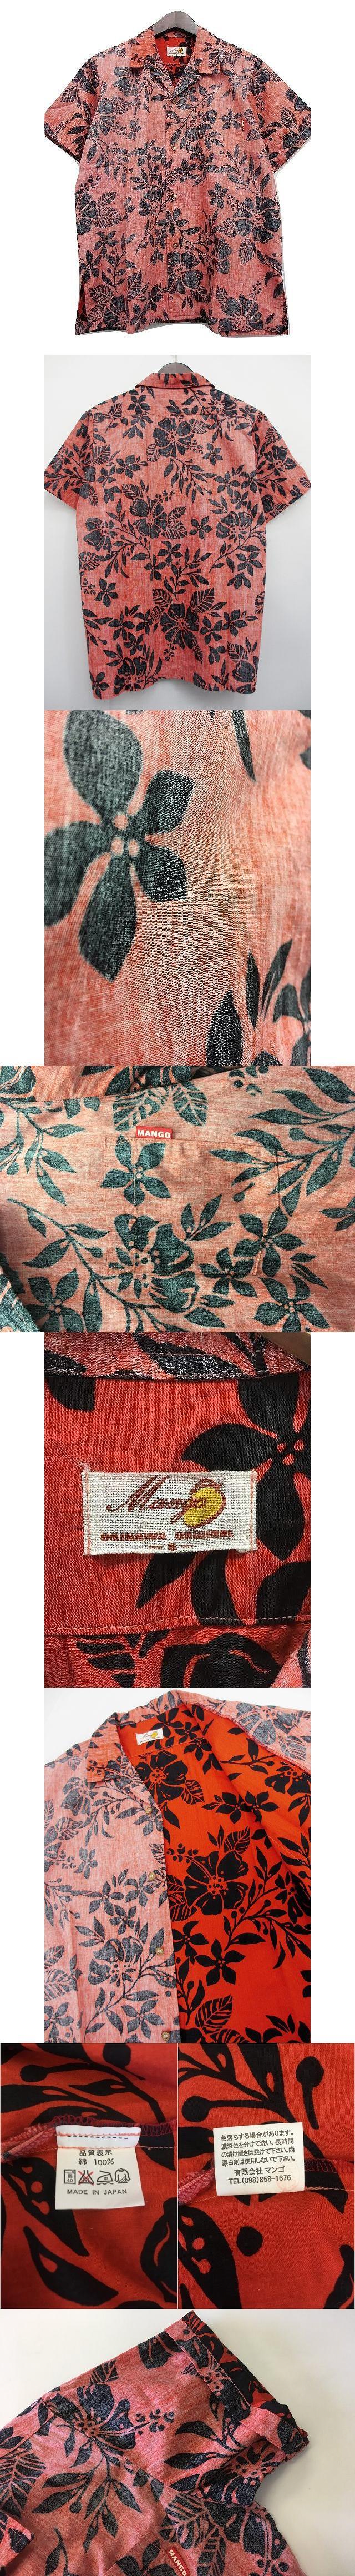 裏プリント 半袖アロハシャツ S 日本製 花柄 ハイビスカス柄 赤×黒 開襟 オープンカラートップス 綿100%